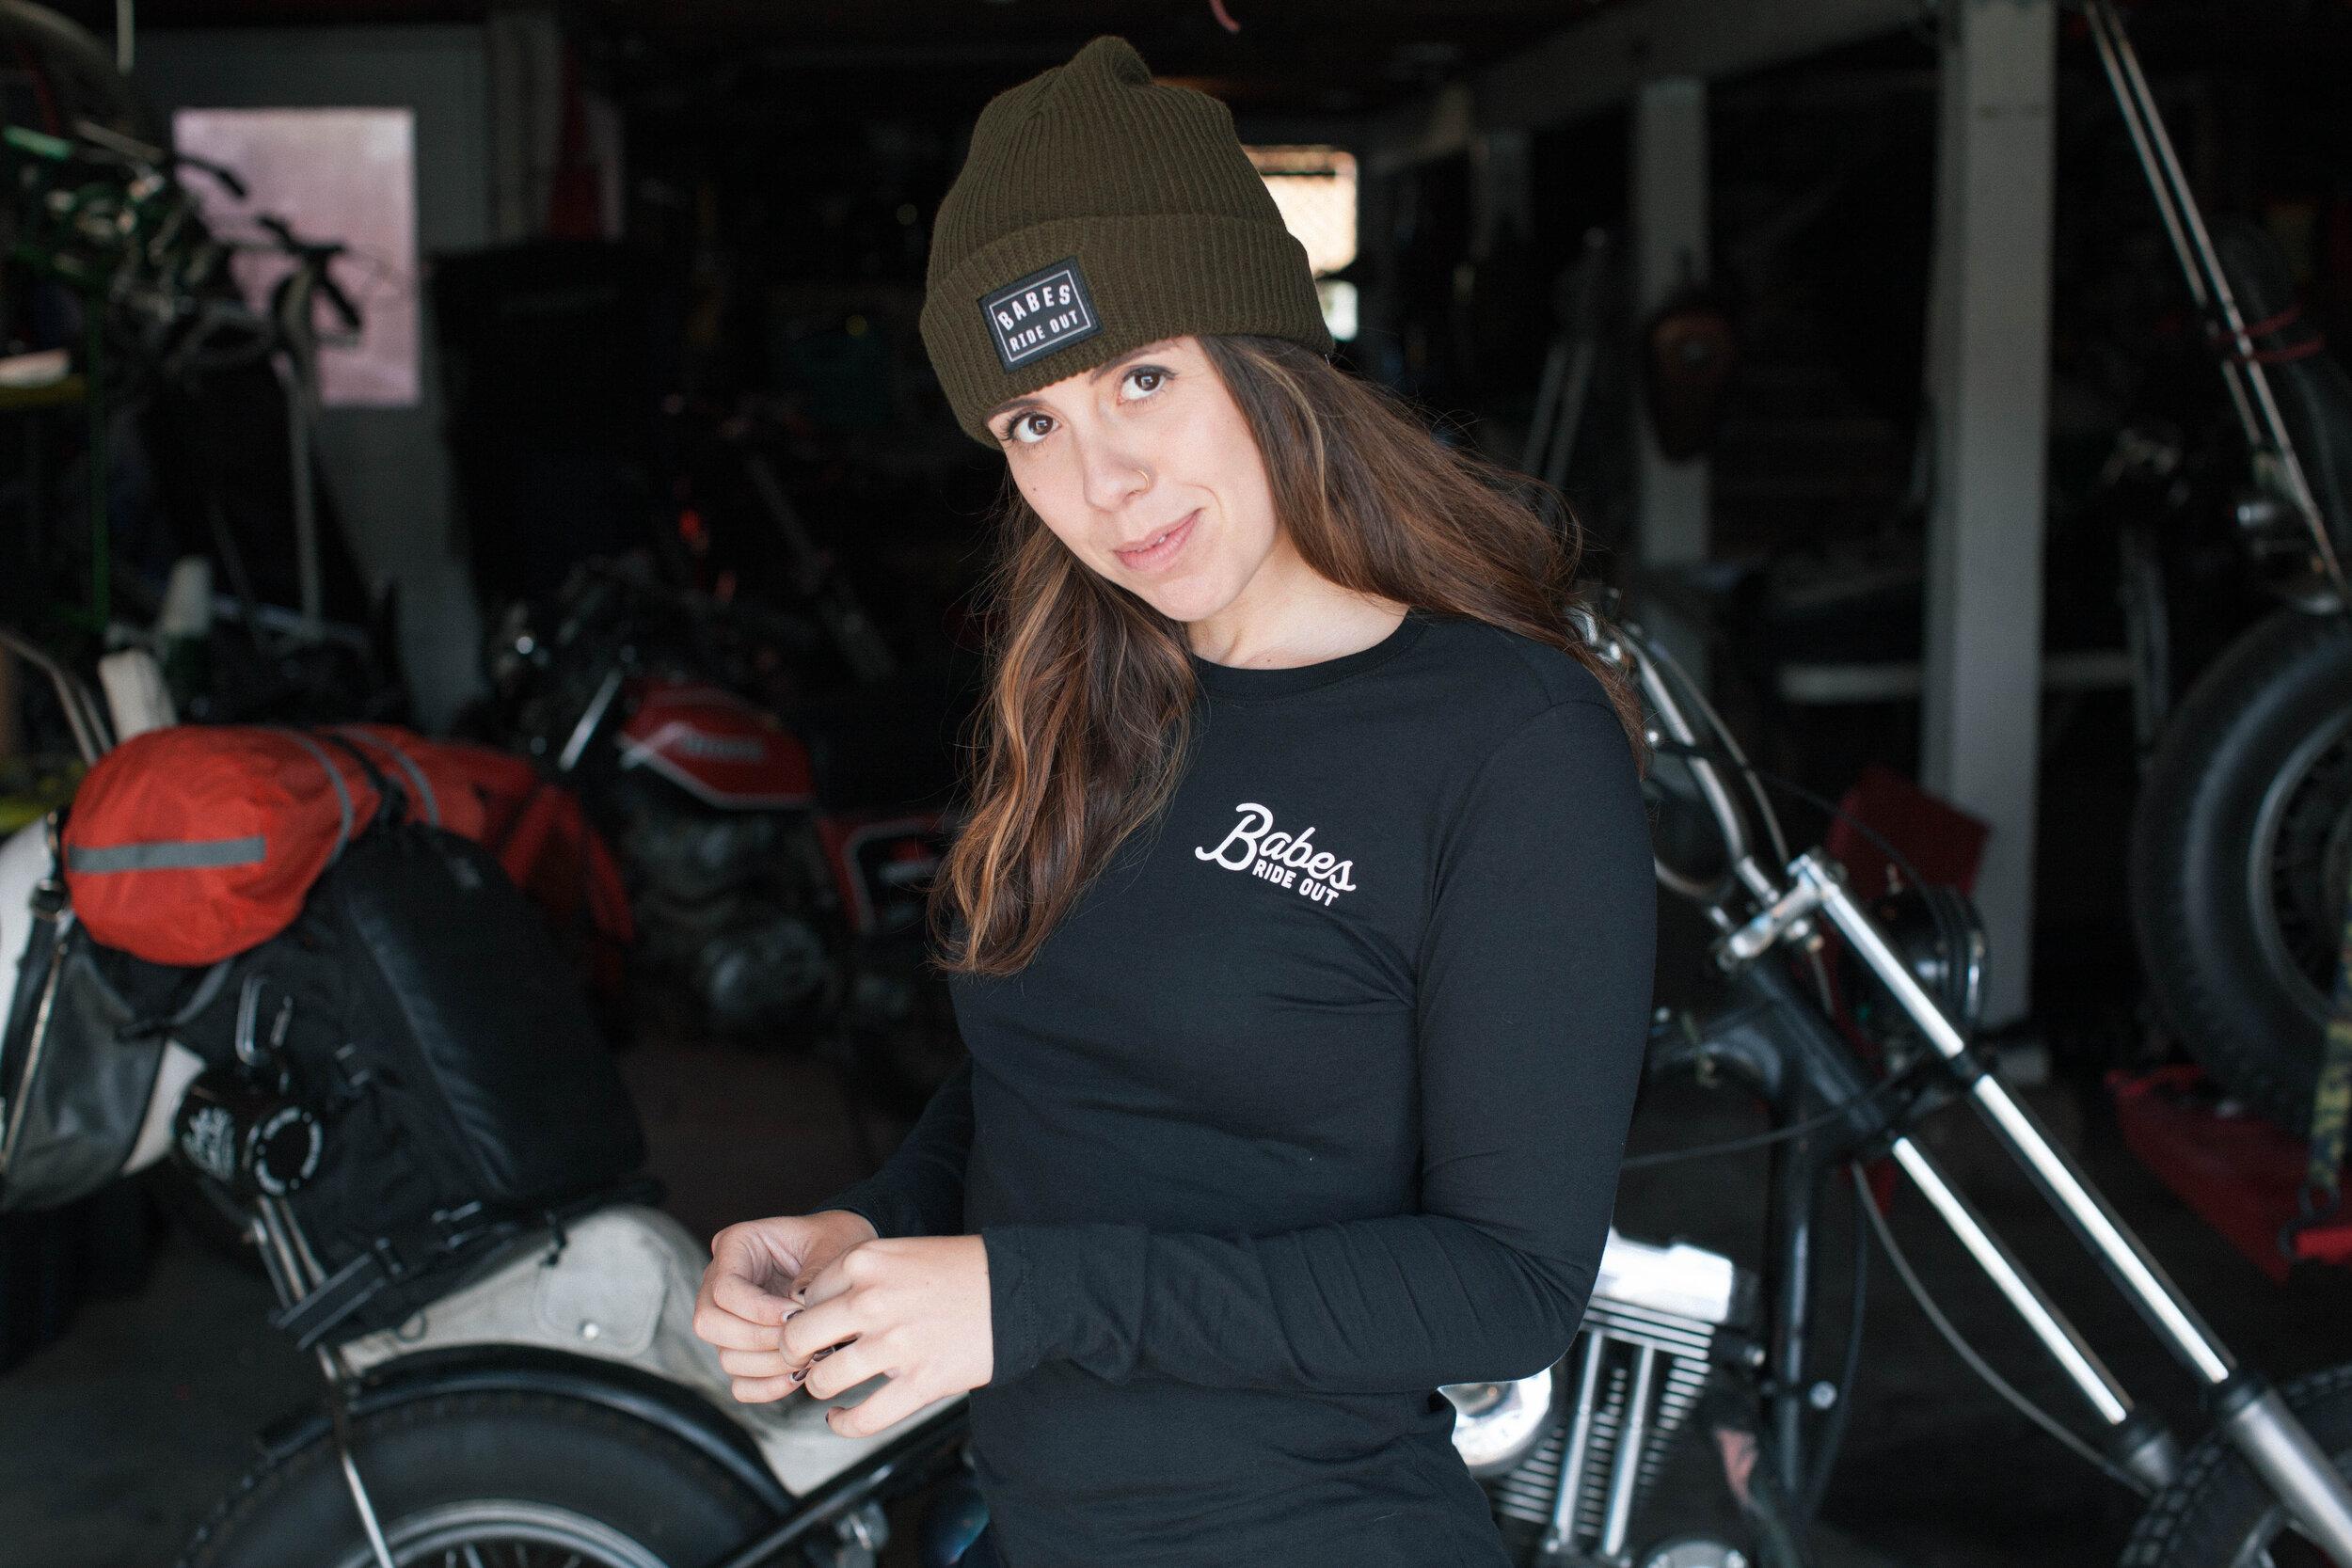 Babes_Ride_Out_Merch_0039.jpg